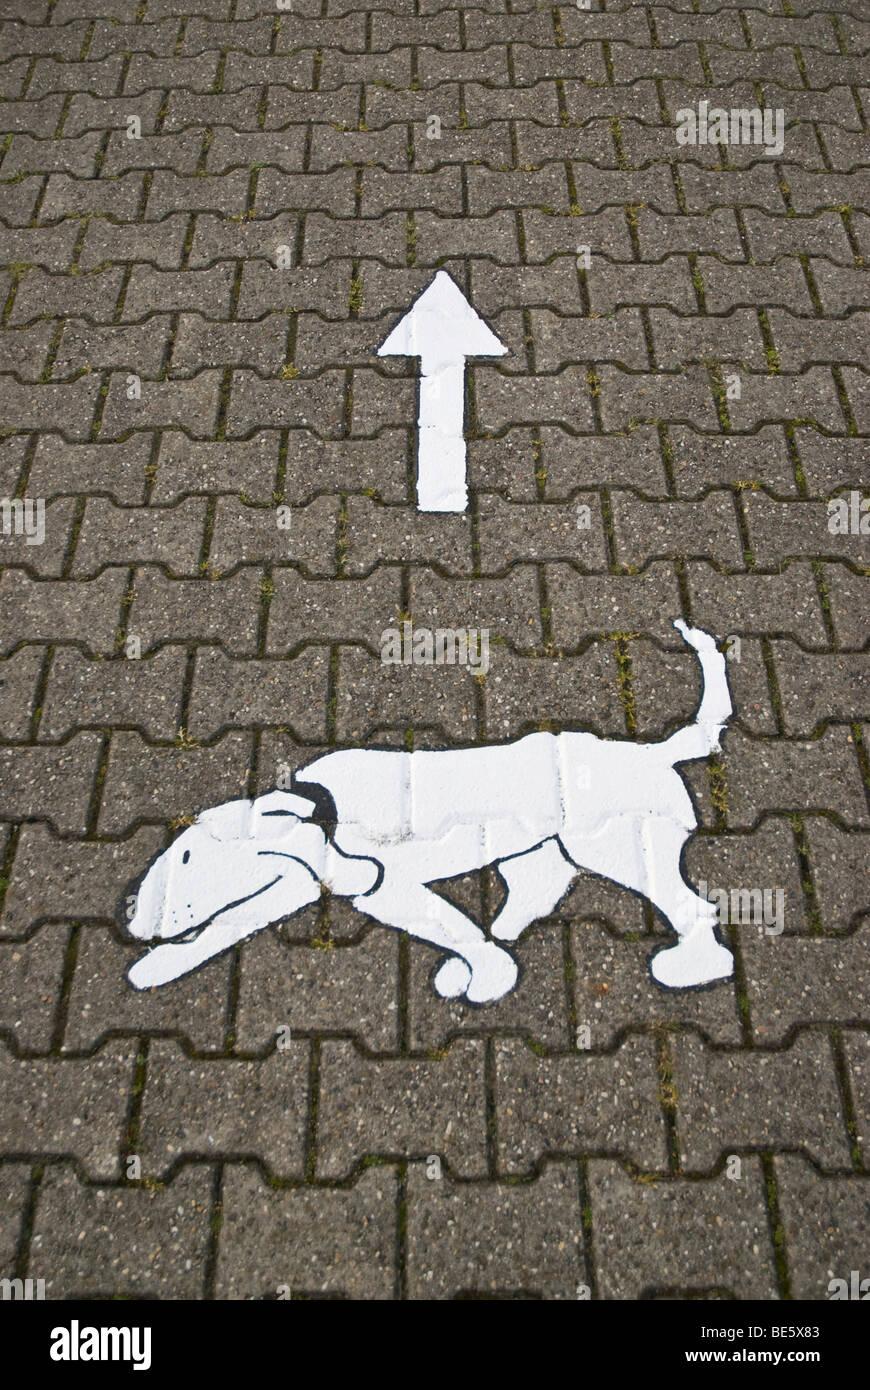 Chemin de chien, image d'un chien avec une flèche sur le trottoir Photo Stock